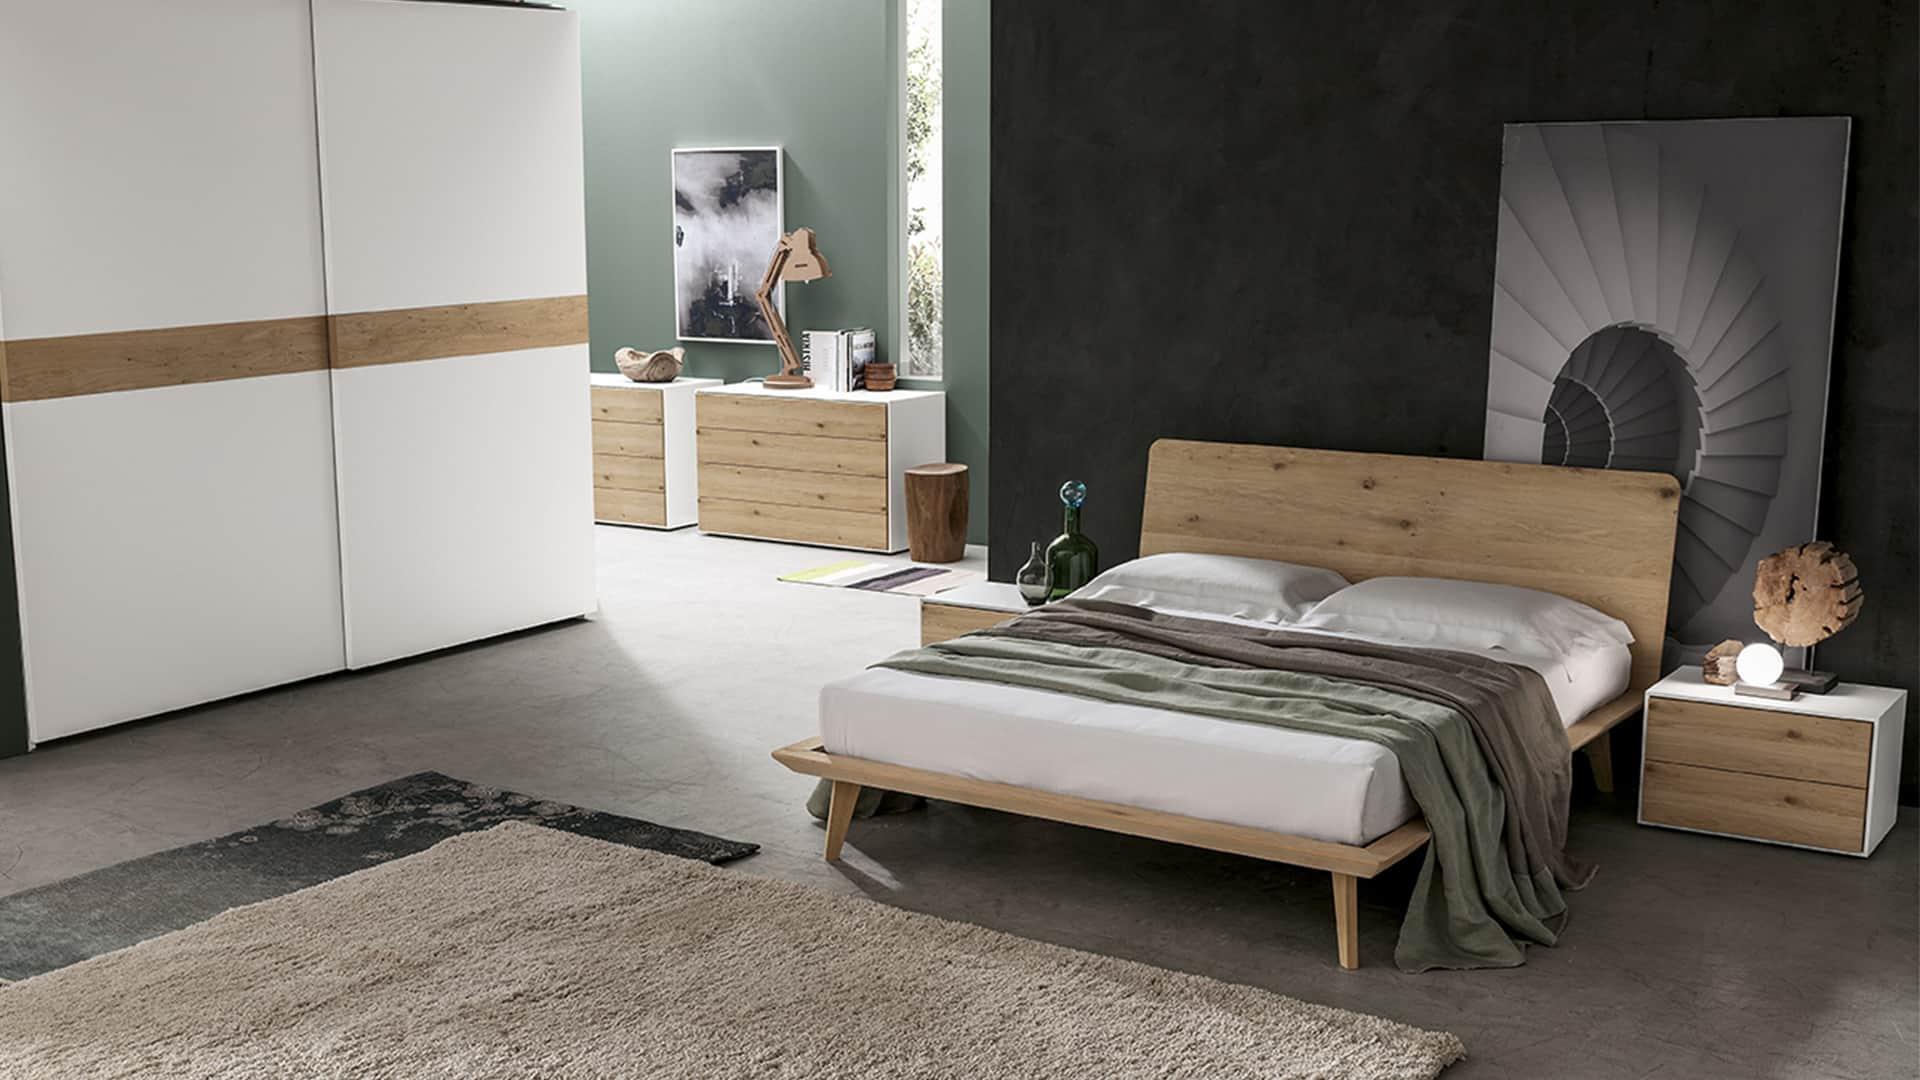 Arredamento per camere da letto a padova for Mobili moderni camera da letto